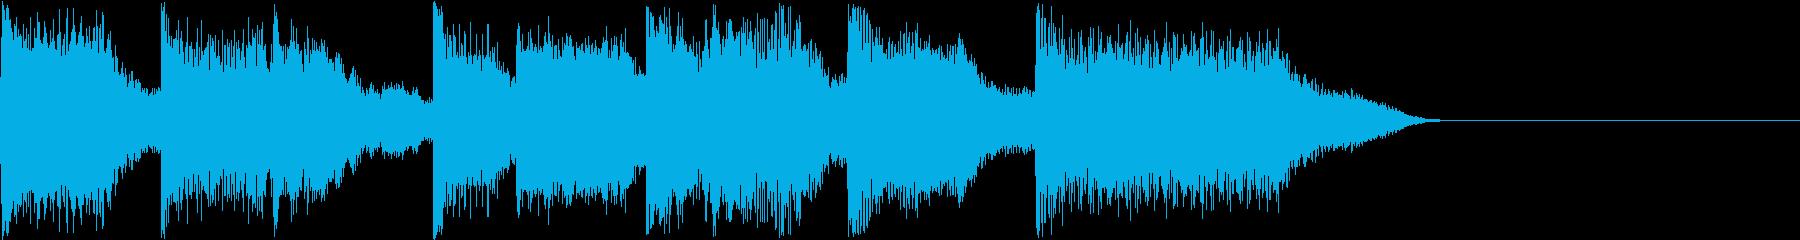 AI メカ/ロボ/マシン動作音 33の再生済みの波形